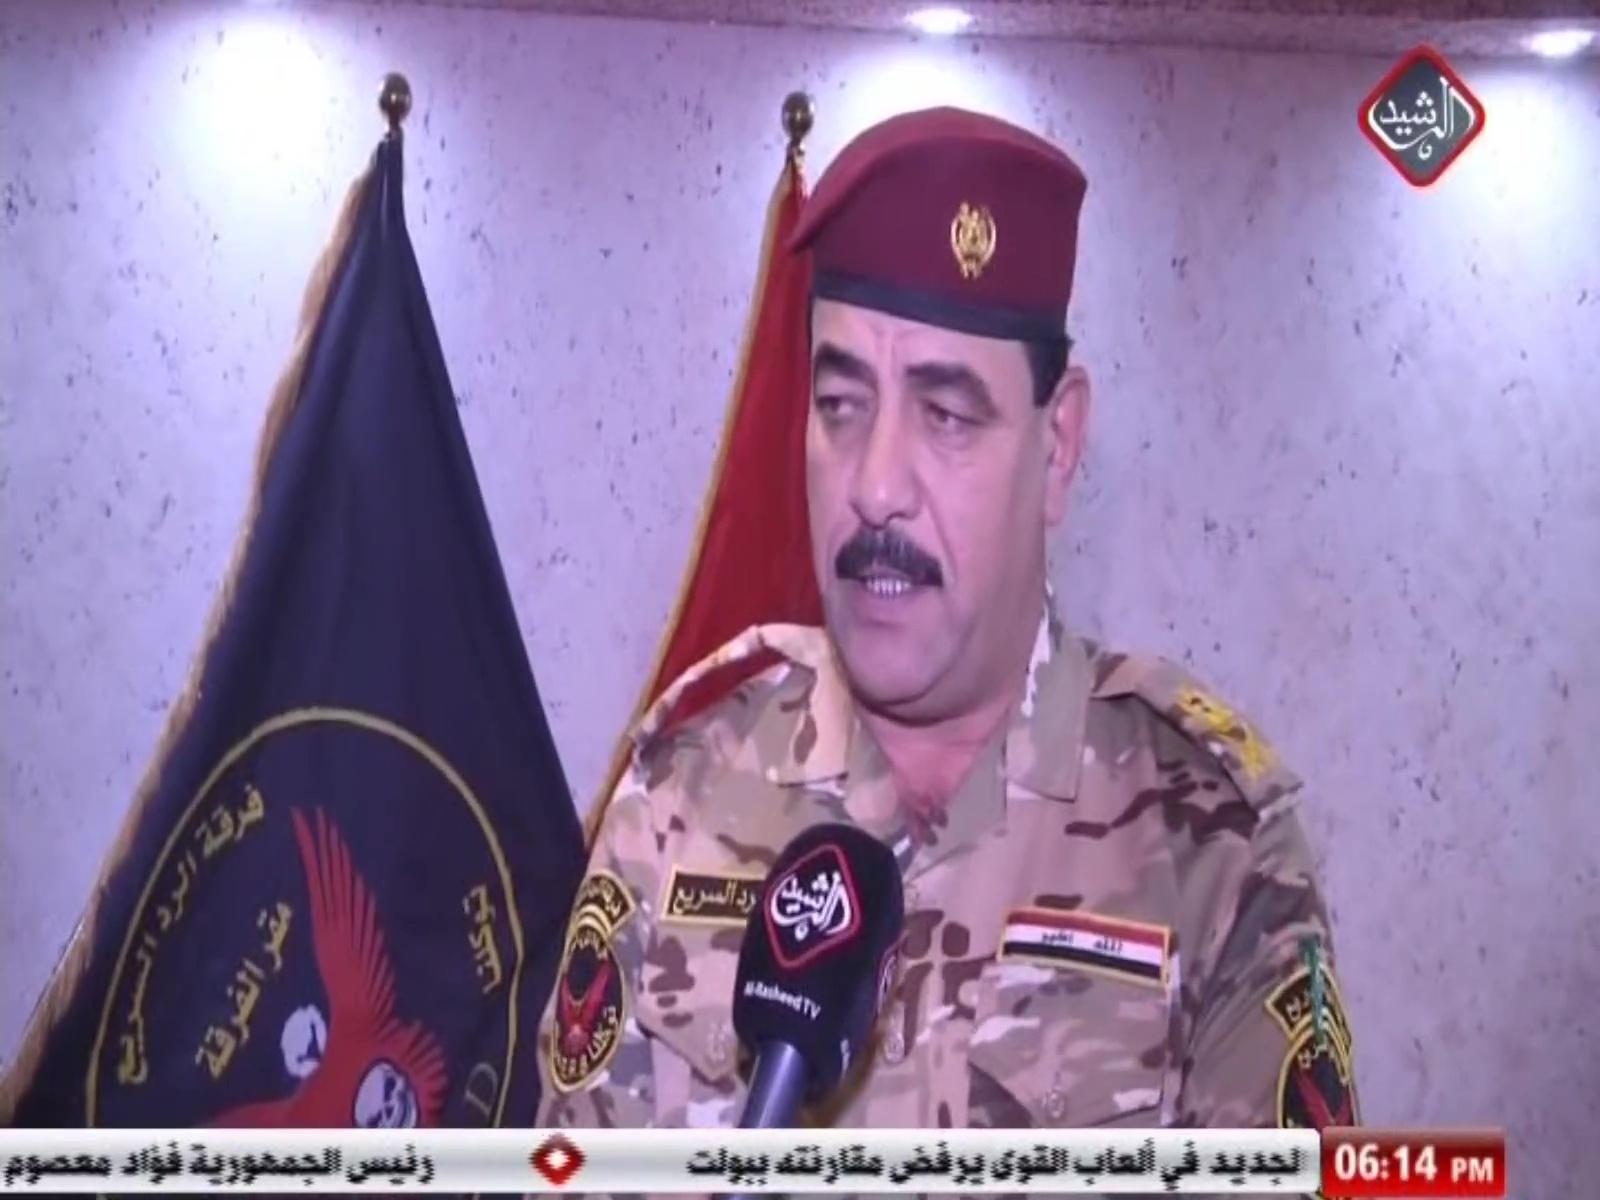 قائد فرقة الرد السريع التابعة لقيادة الشرطة الاتحادية اللواء ثامر الحسيني